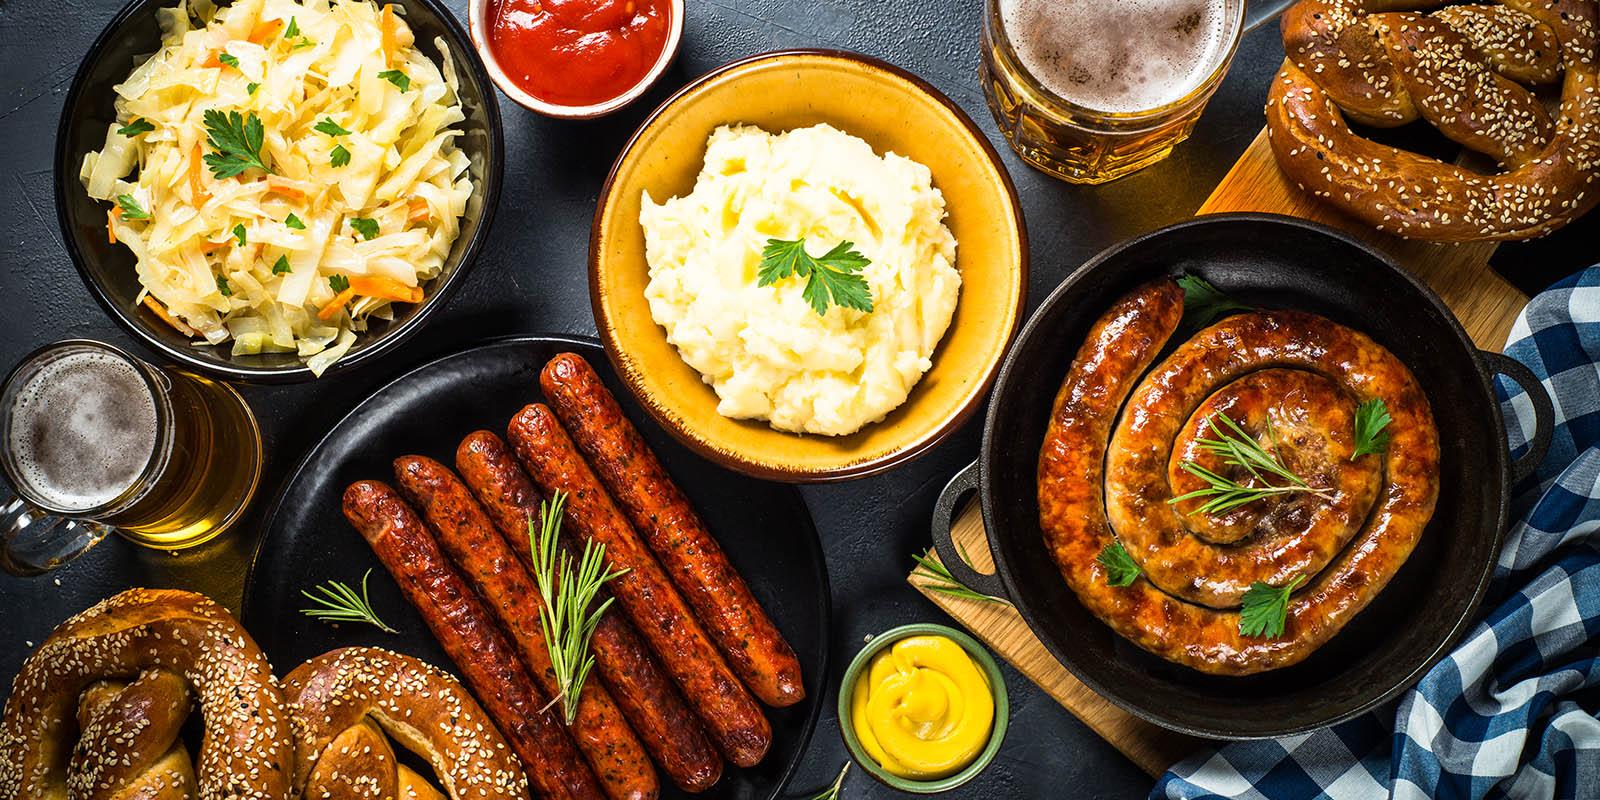 Oktoberfest food - sausage, beer and bretzel.